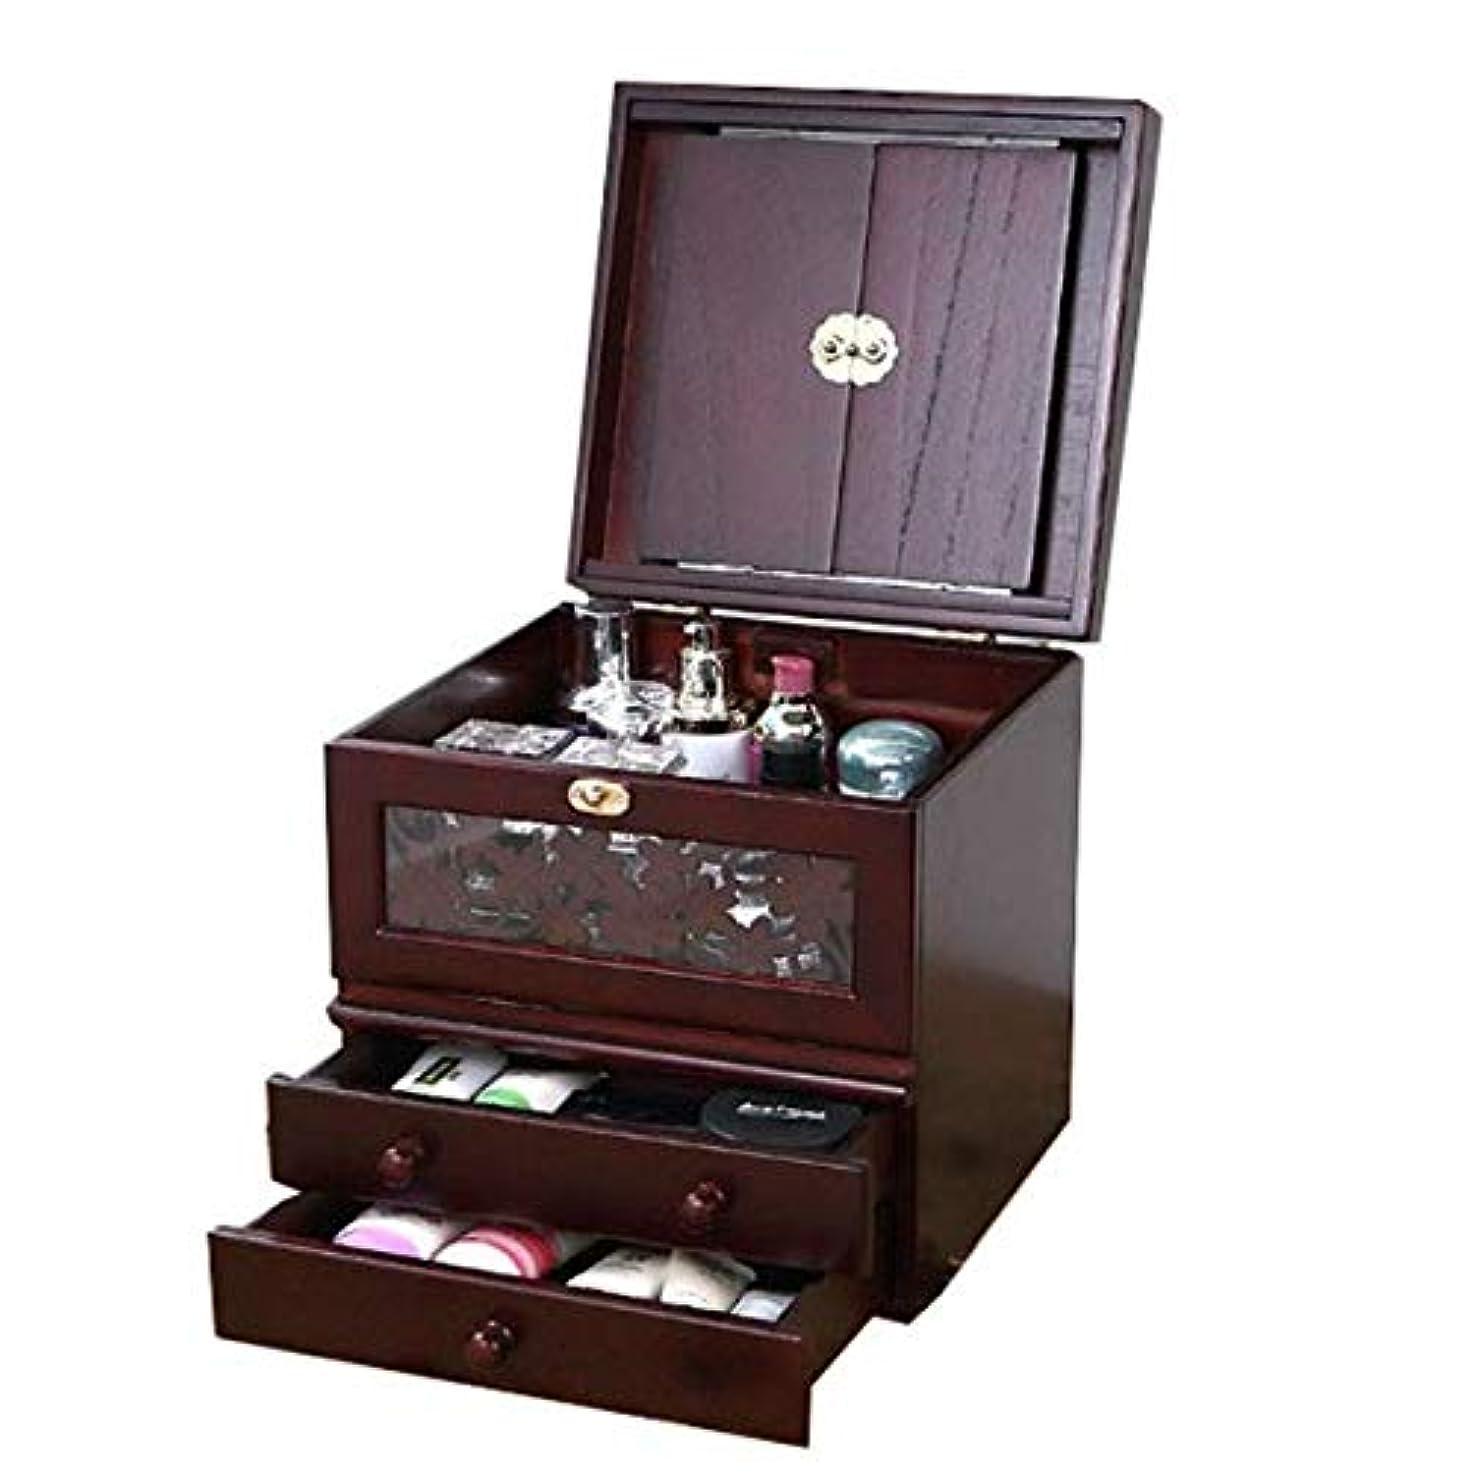 深遠横にちっちゃい化粧箱、ミラー付きヴィンテージ木製化粧品ケースの3層、ハイエンドの結婚祝い、新築祝いのギフト、美容ネイルジュエリー収納ボックス